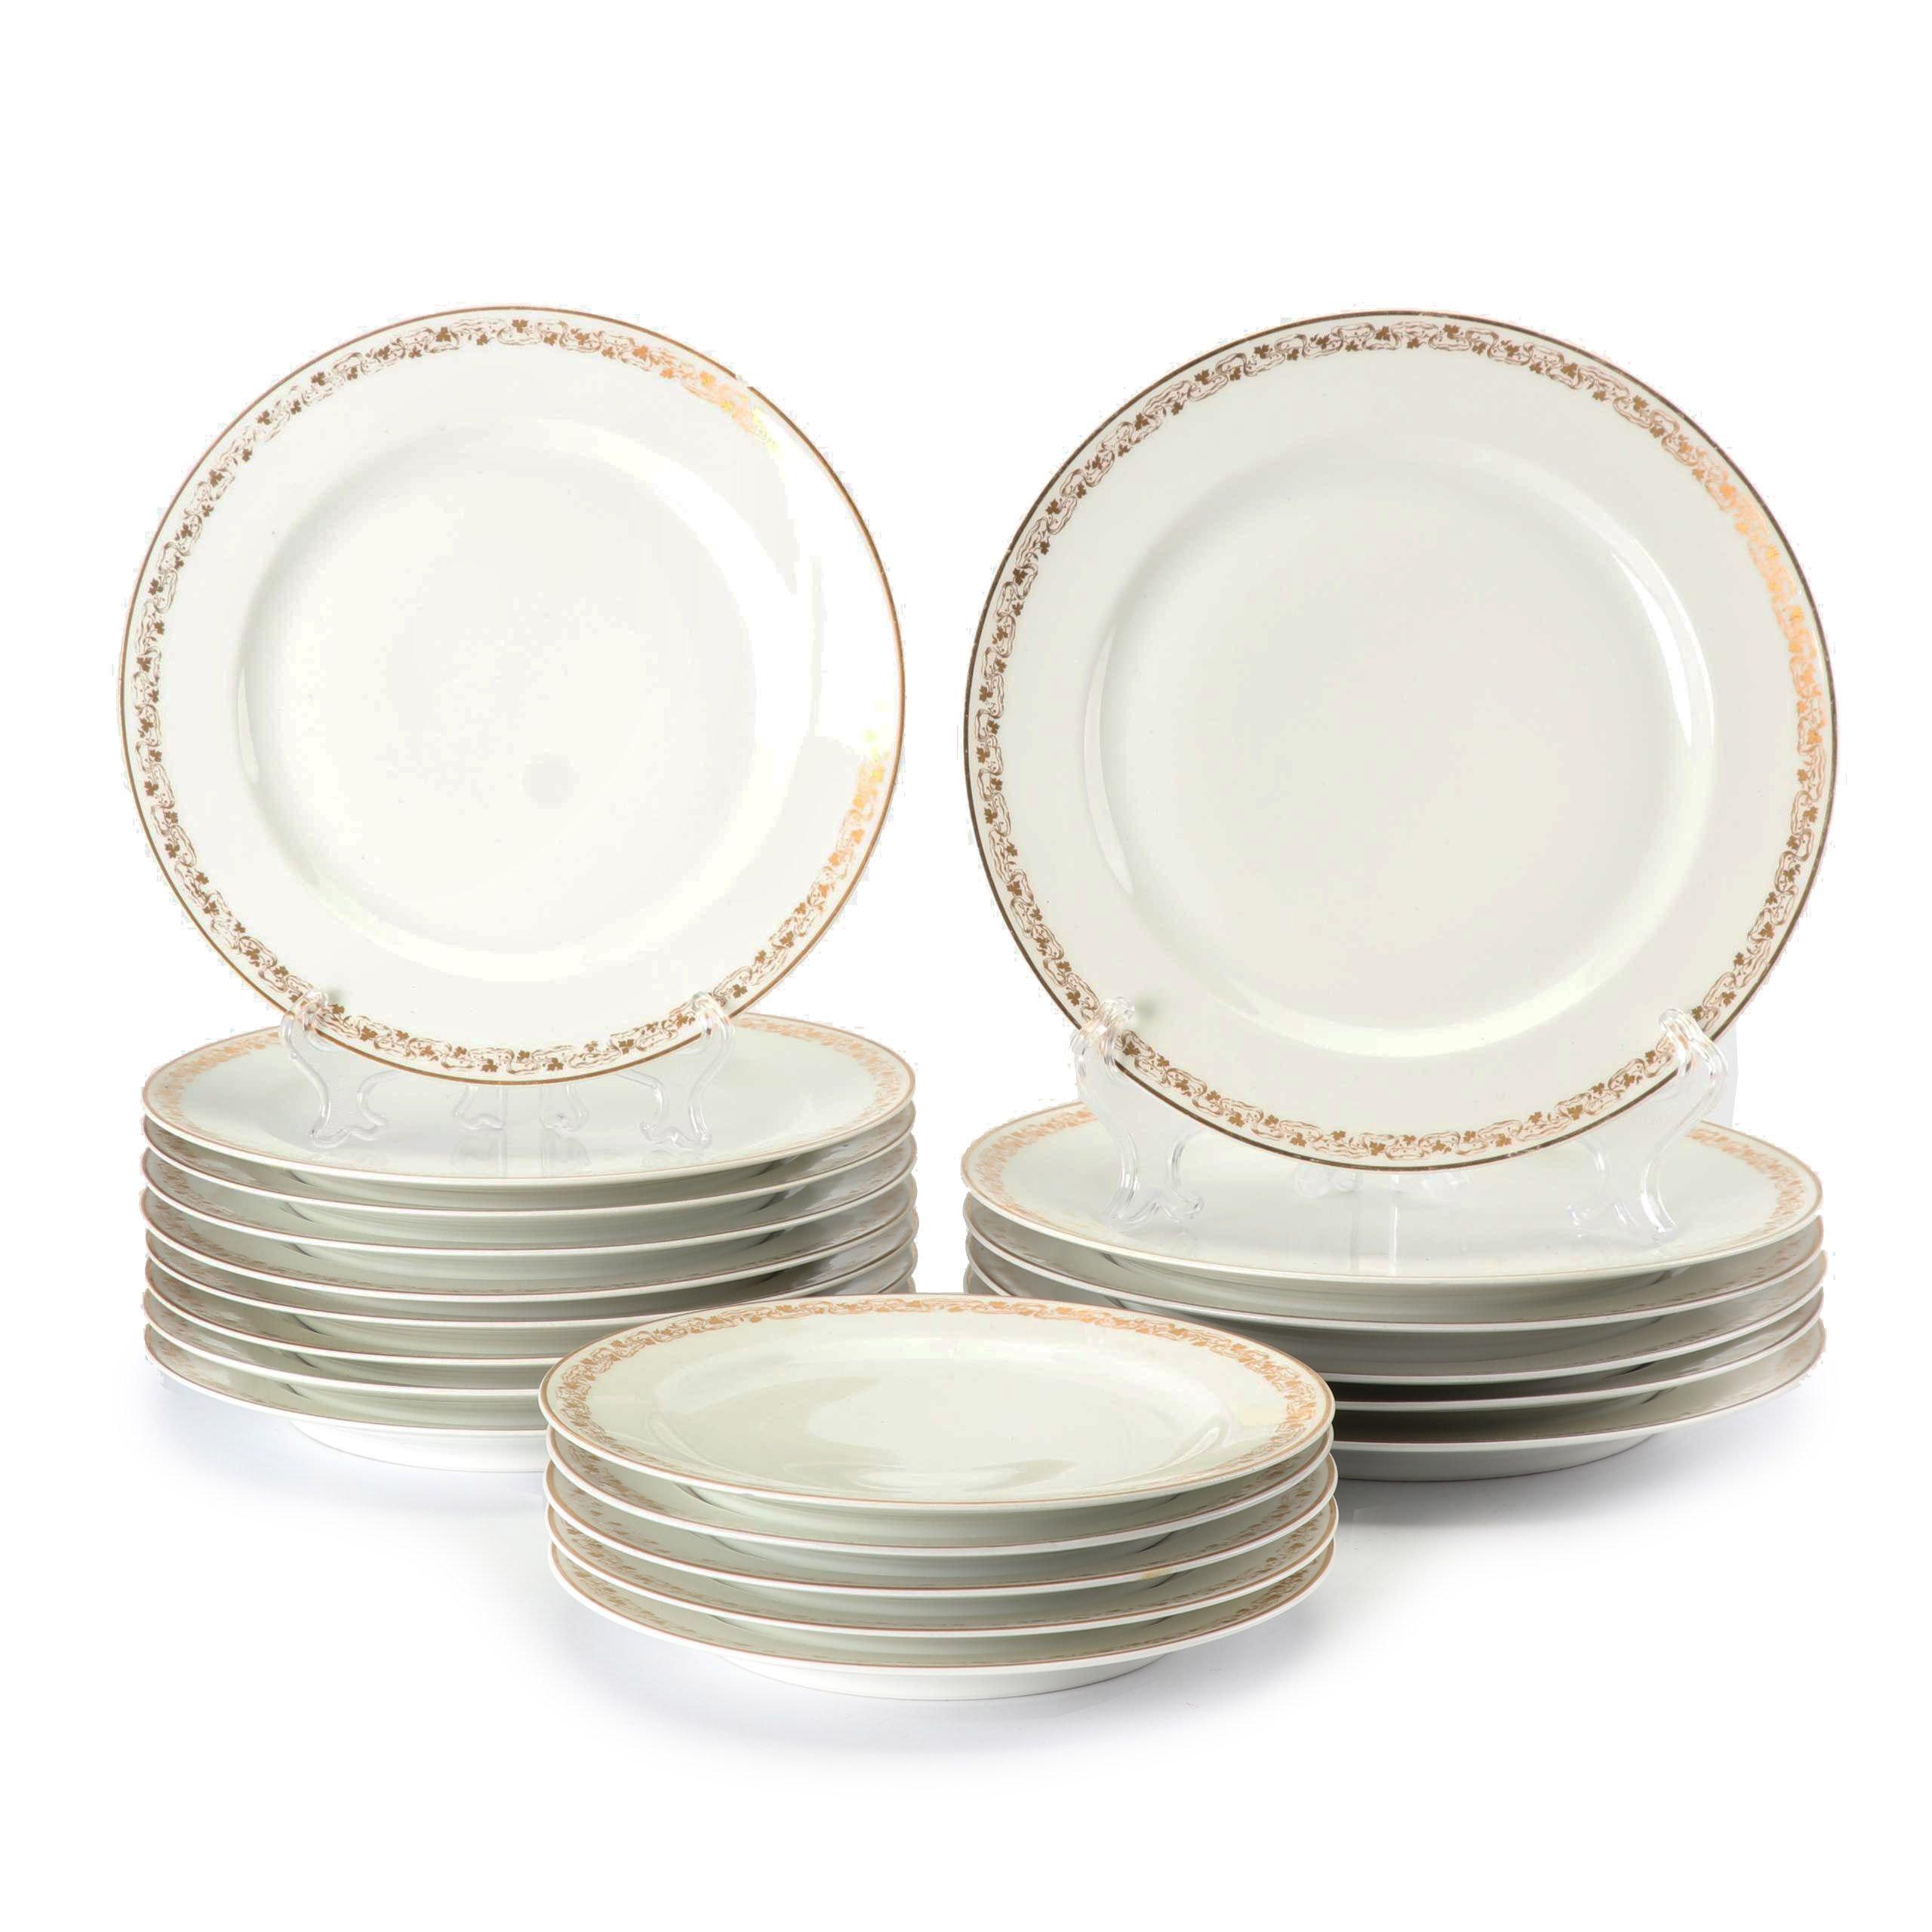 Vintage Haviland Limoges Porcelain Plates